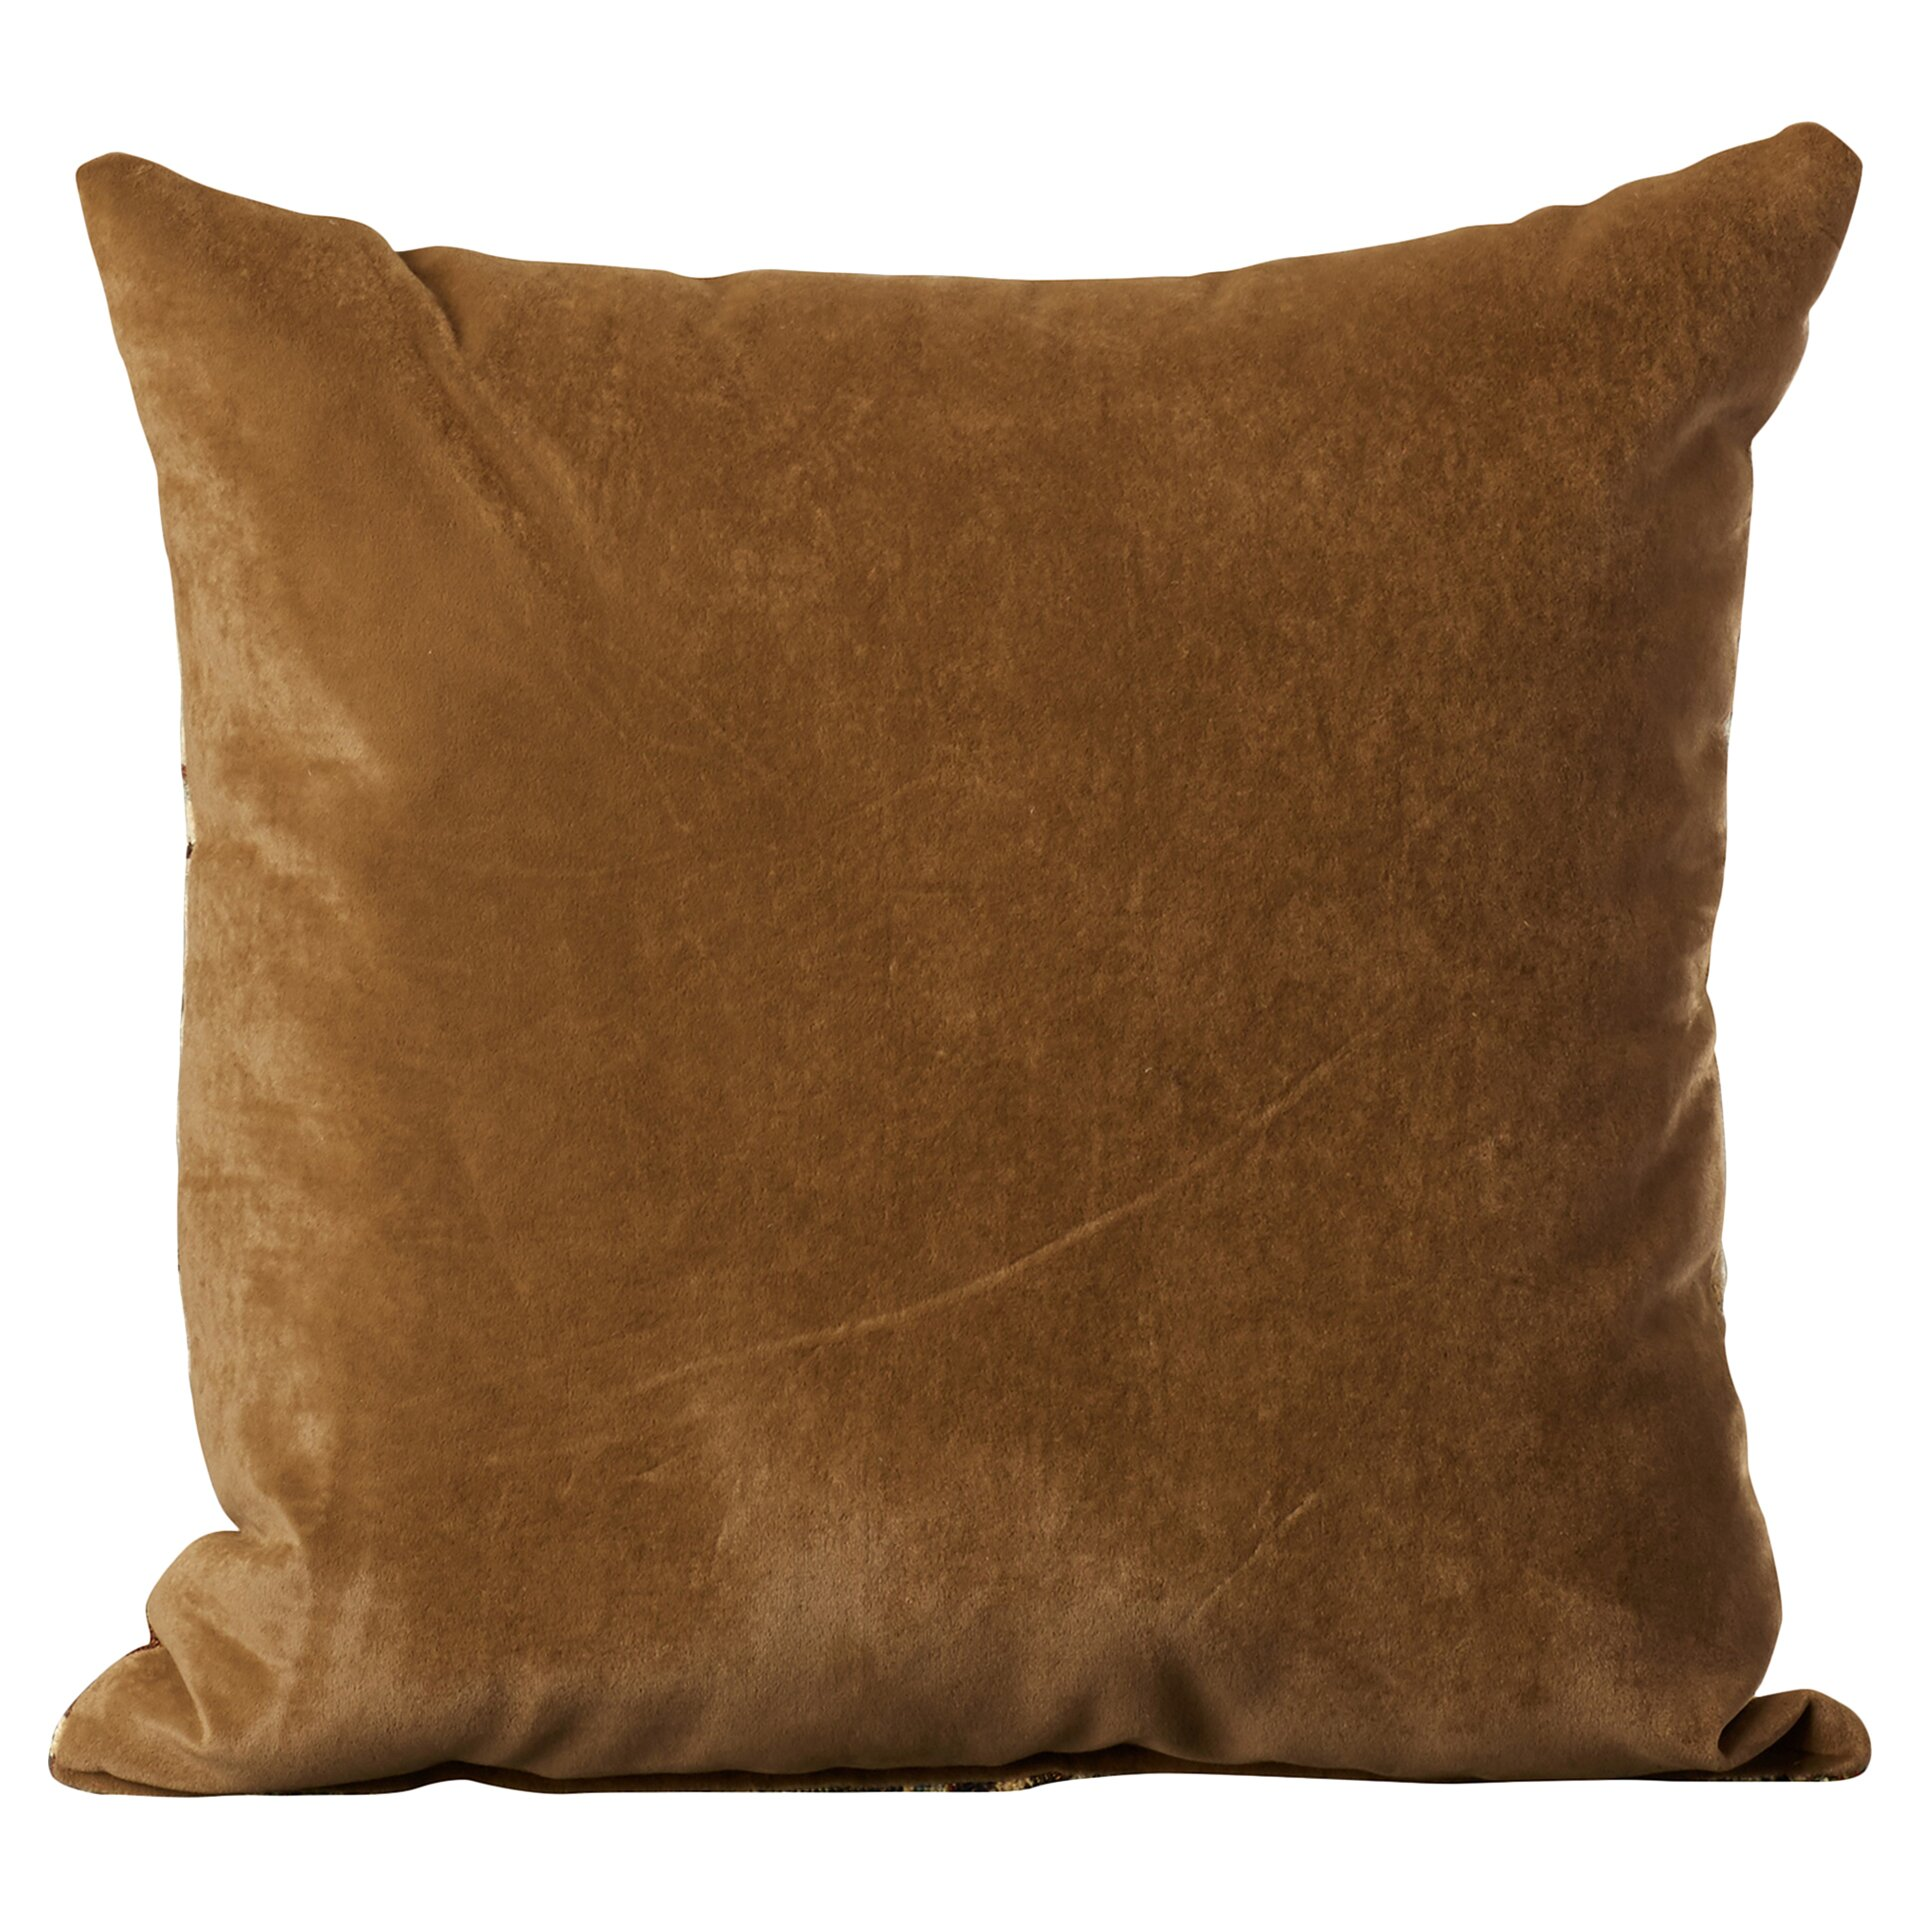 Throw Pillow Wayfair : Loon Peak Skylemar Throw Pillow & Reviews Wayfair.ca